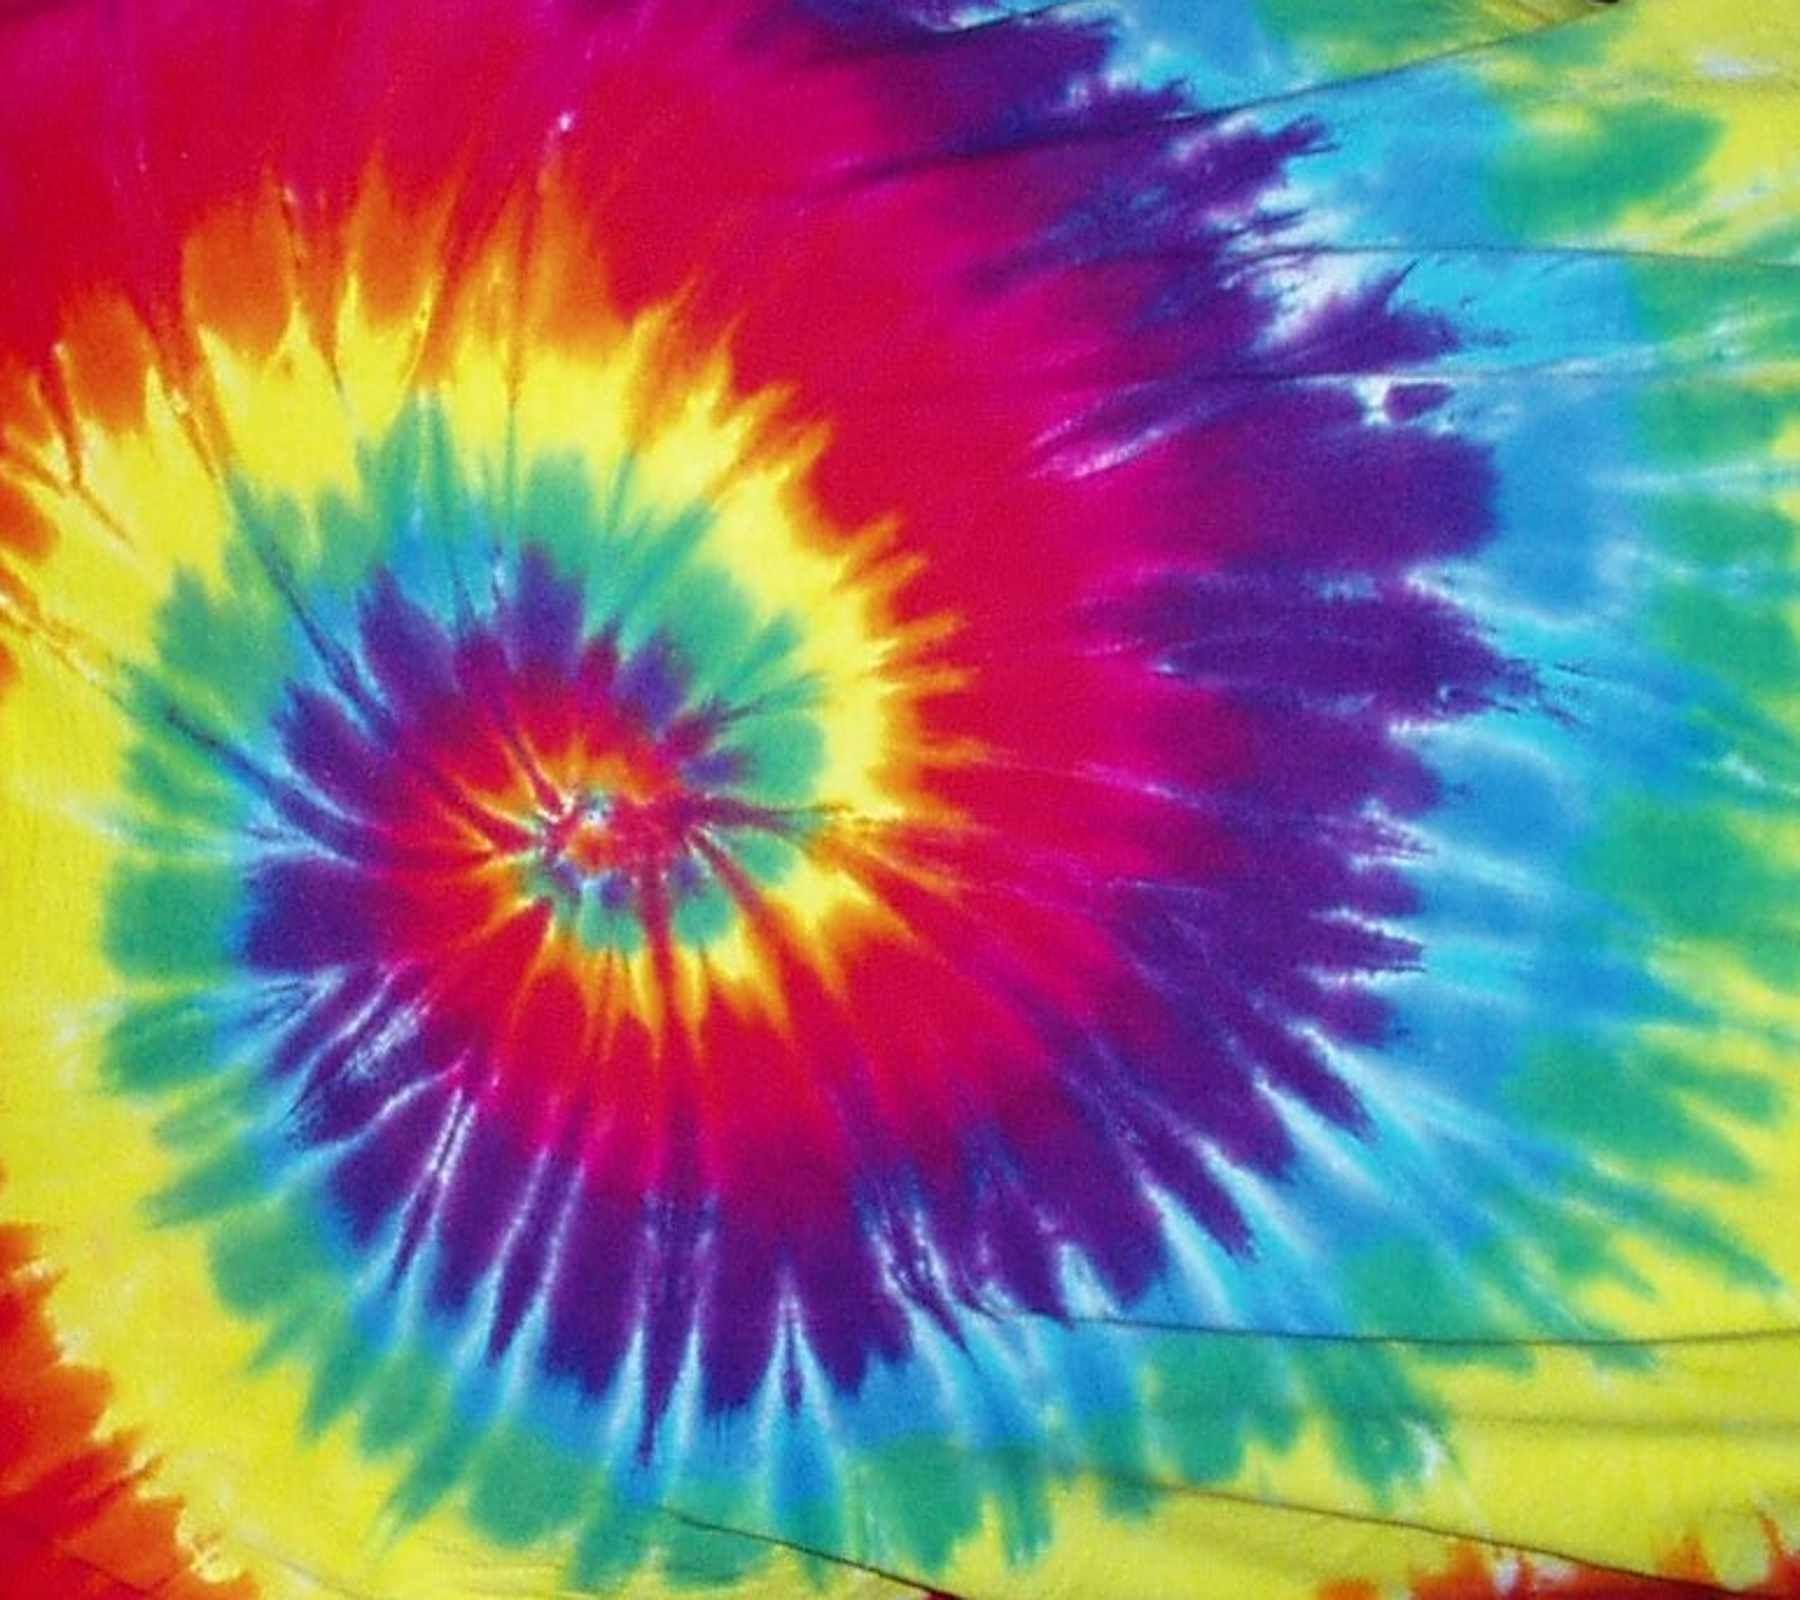 Tie Dye Wallpapers   Top Tie Dye Backgrounds   WallpaperAccess 1800x1600